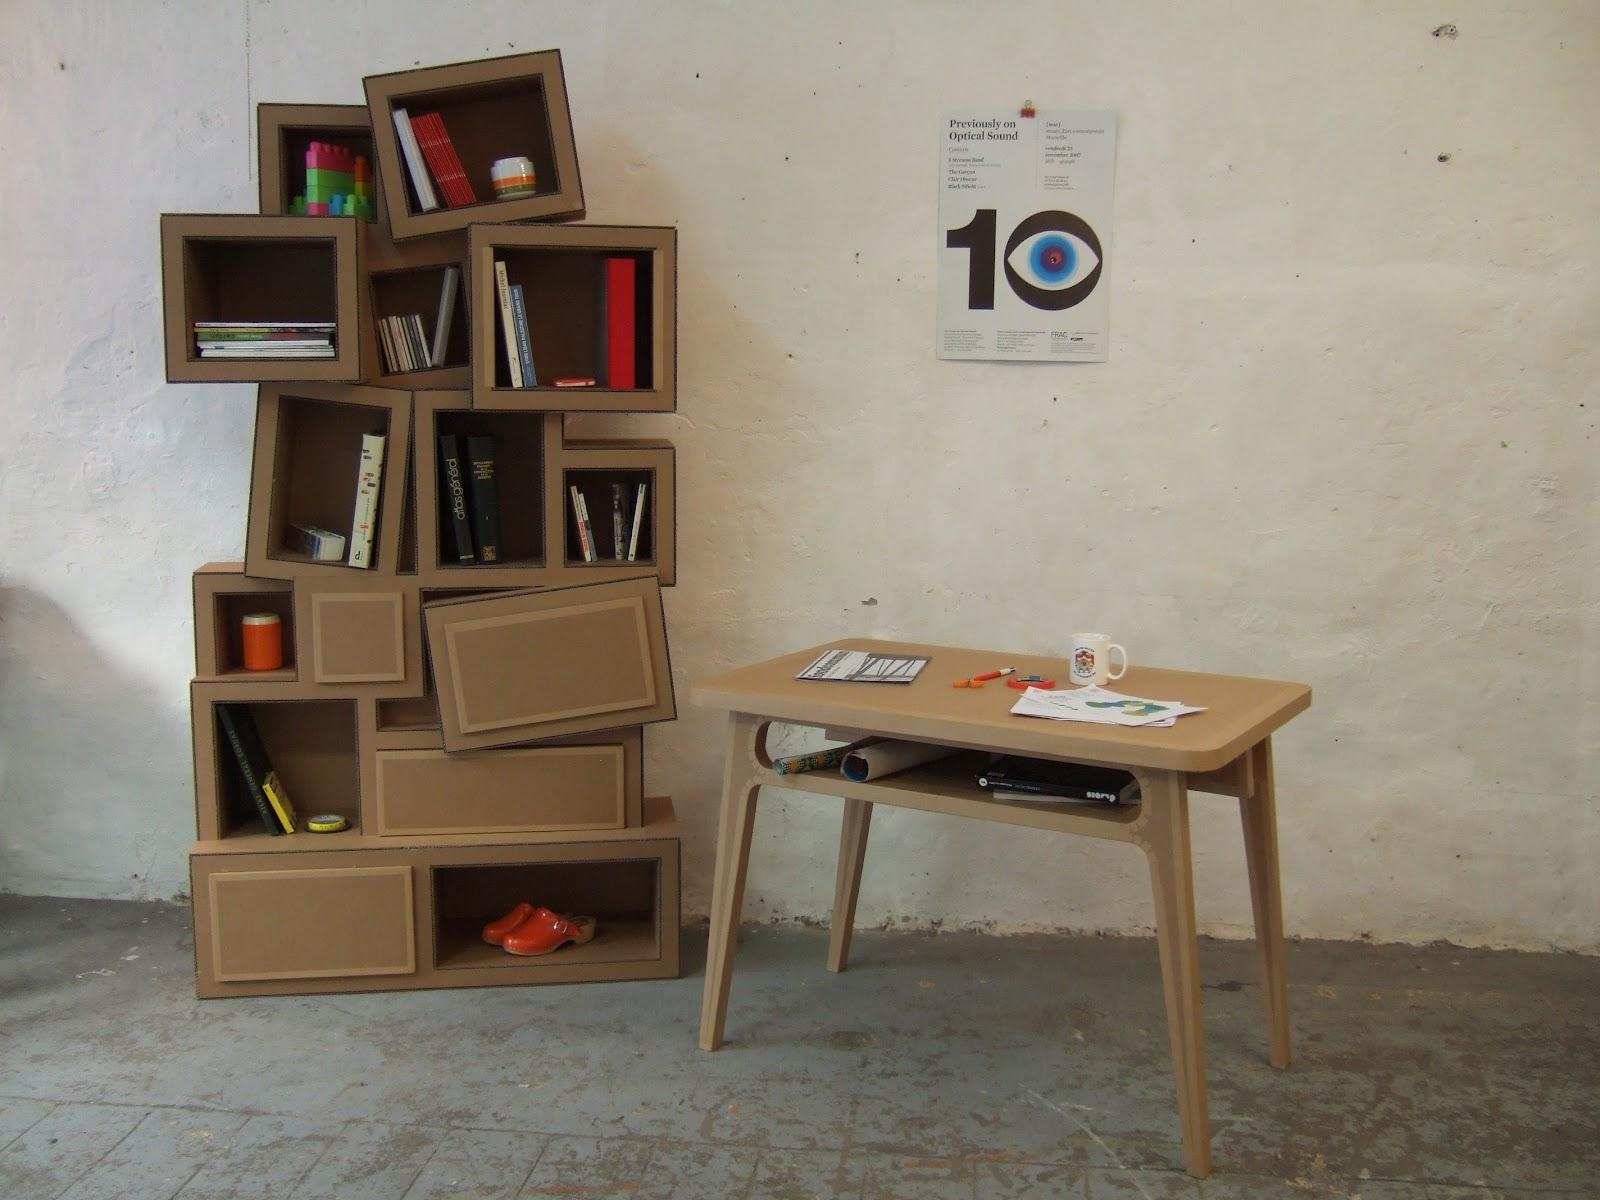 table haute en carton avec case de rangement et étagère en carton design avec cases et tiroirs fabriquée à marseille par juliadesign